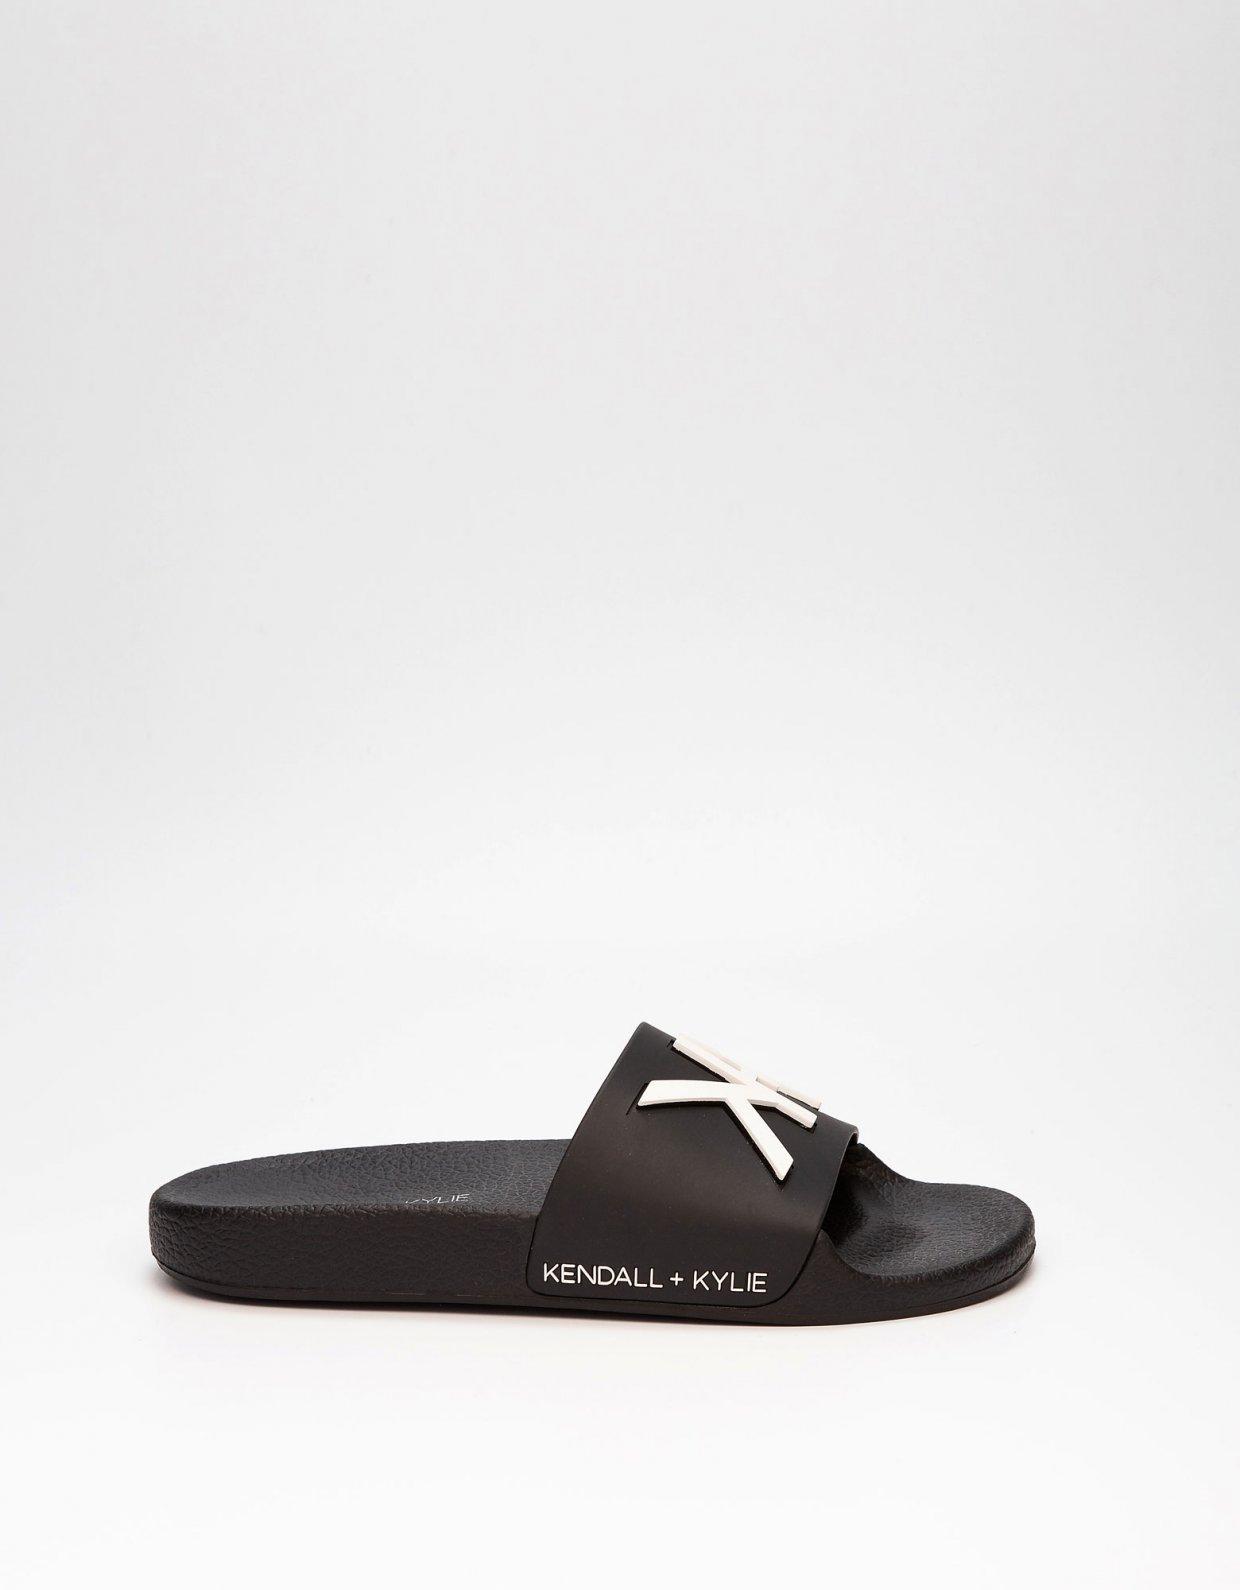 Kendall + Kylie KK Ellis slippers black/black